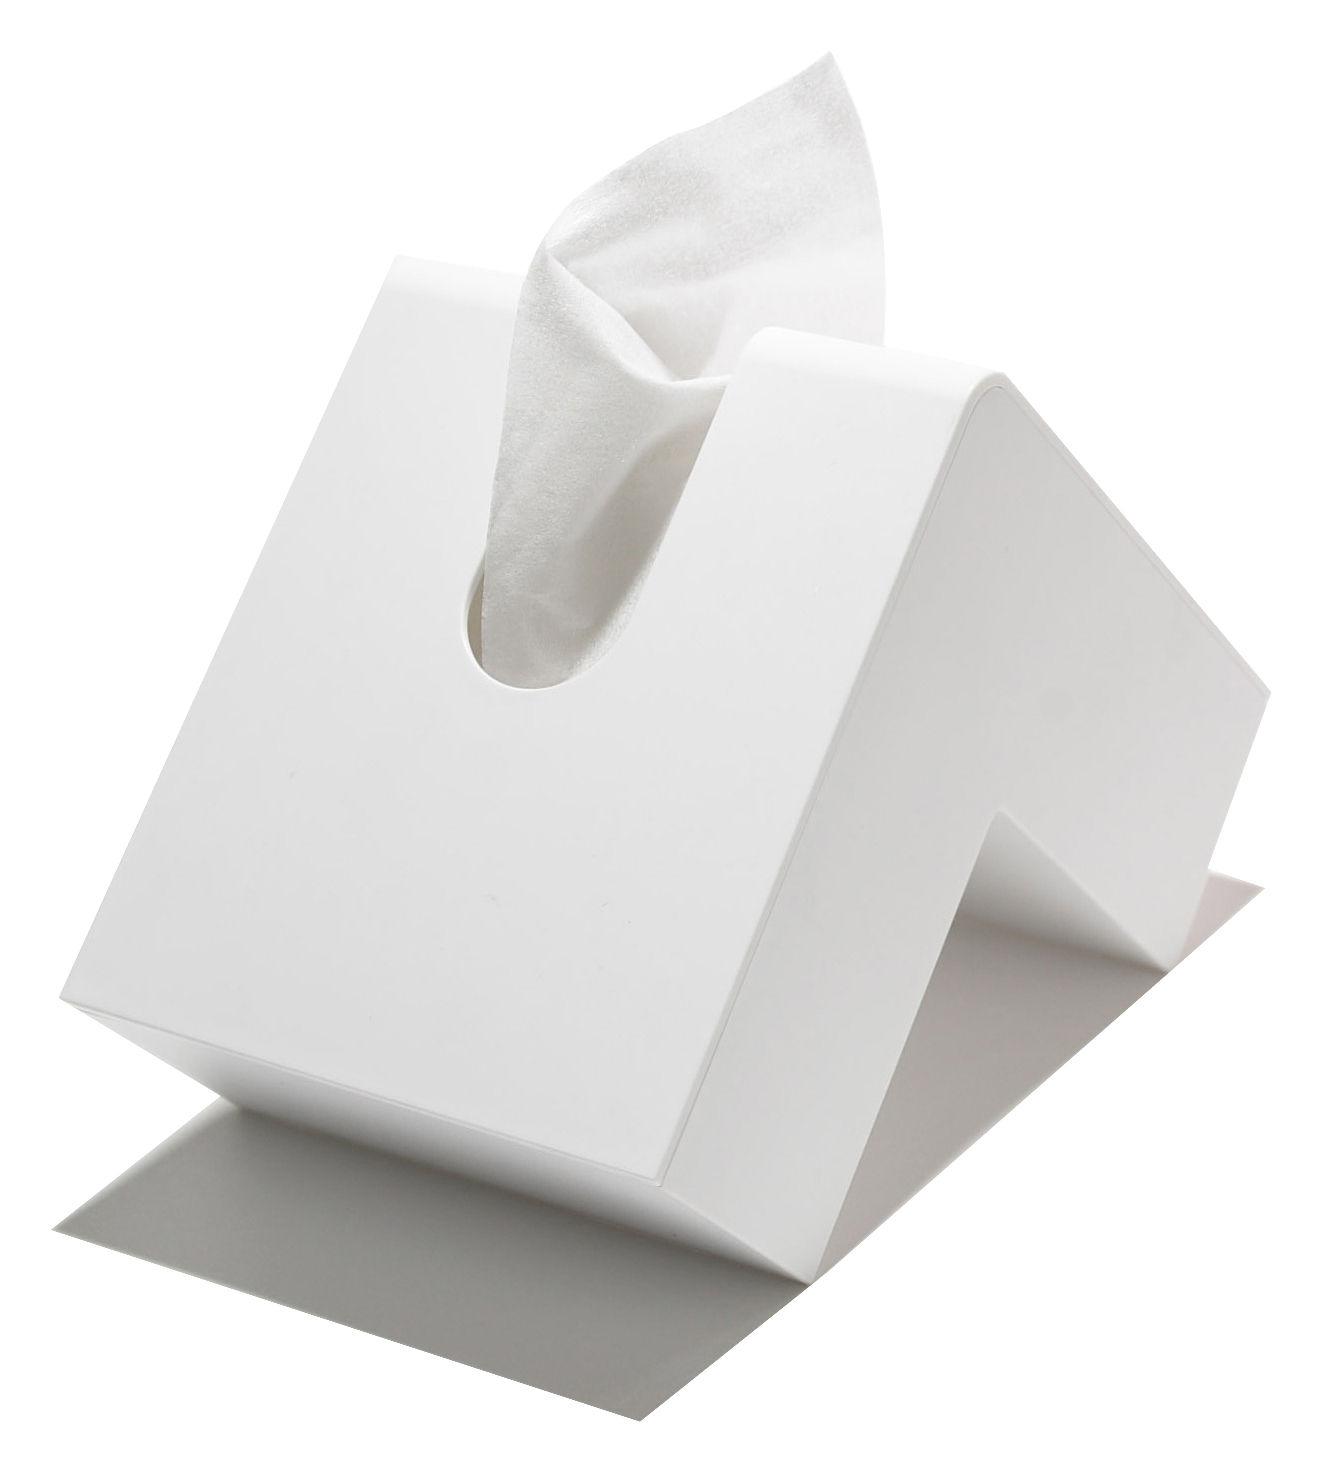 Dekoration - Badezimmer - Folio Taschentuch-Behälter - Pa Design - Weiß - Plastik